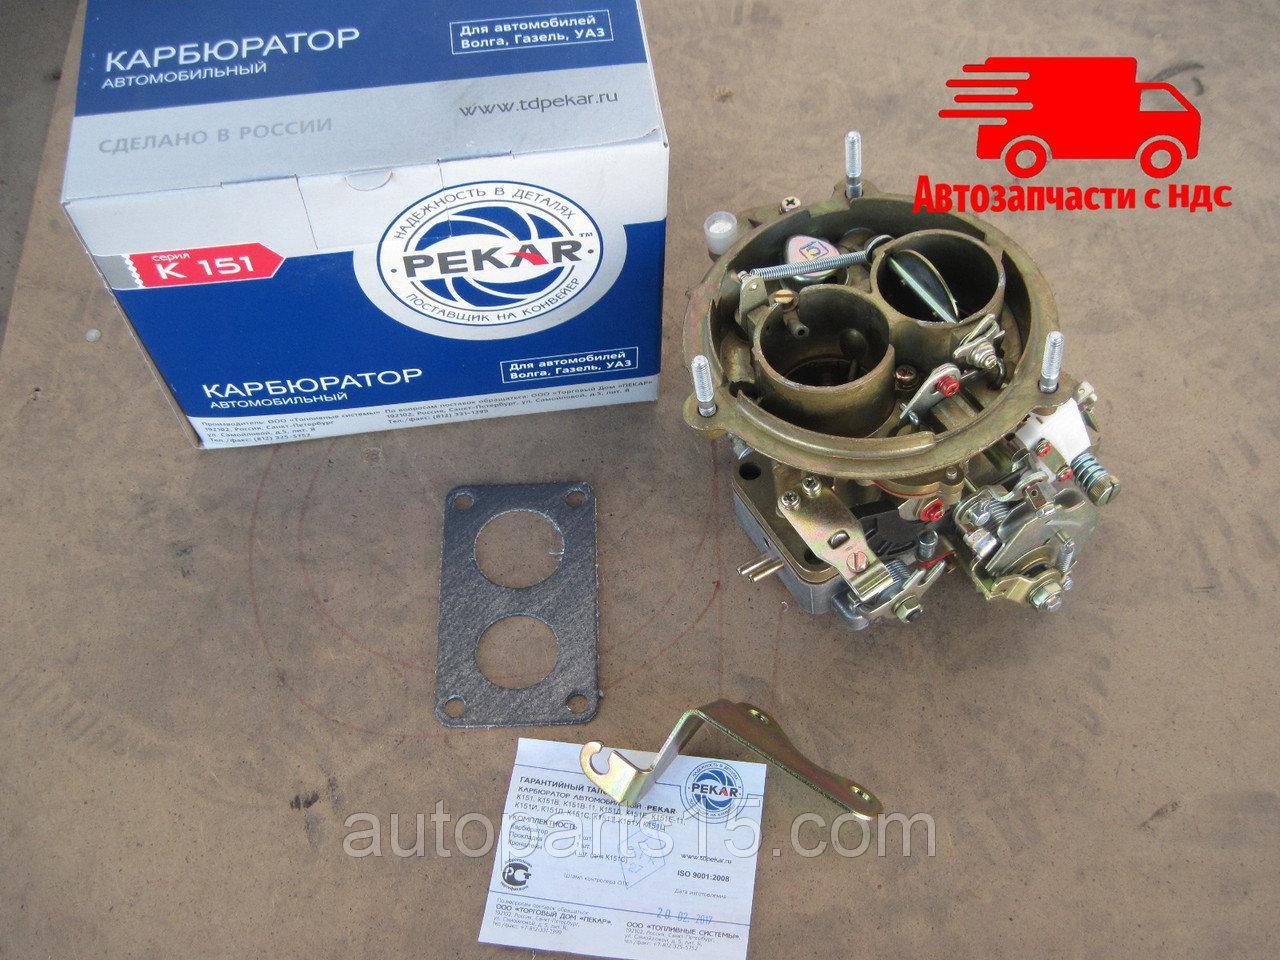 Карбюратор ВОЛГА К-151С двигатель  ЗМЗ 402  402  4025  4026 (пр-во ПЕКАР). К151С.1107010. Ціна з ПДВ.